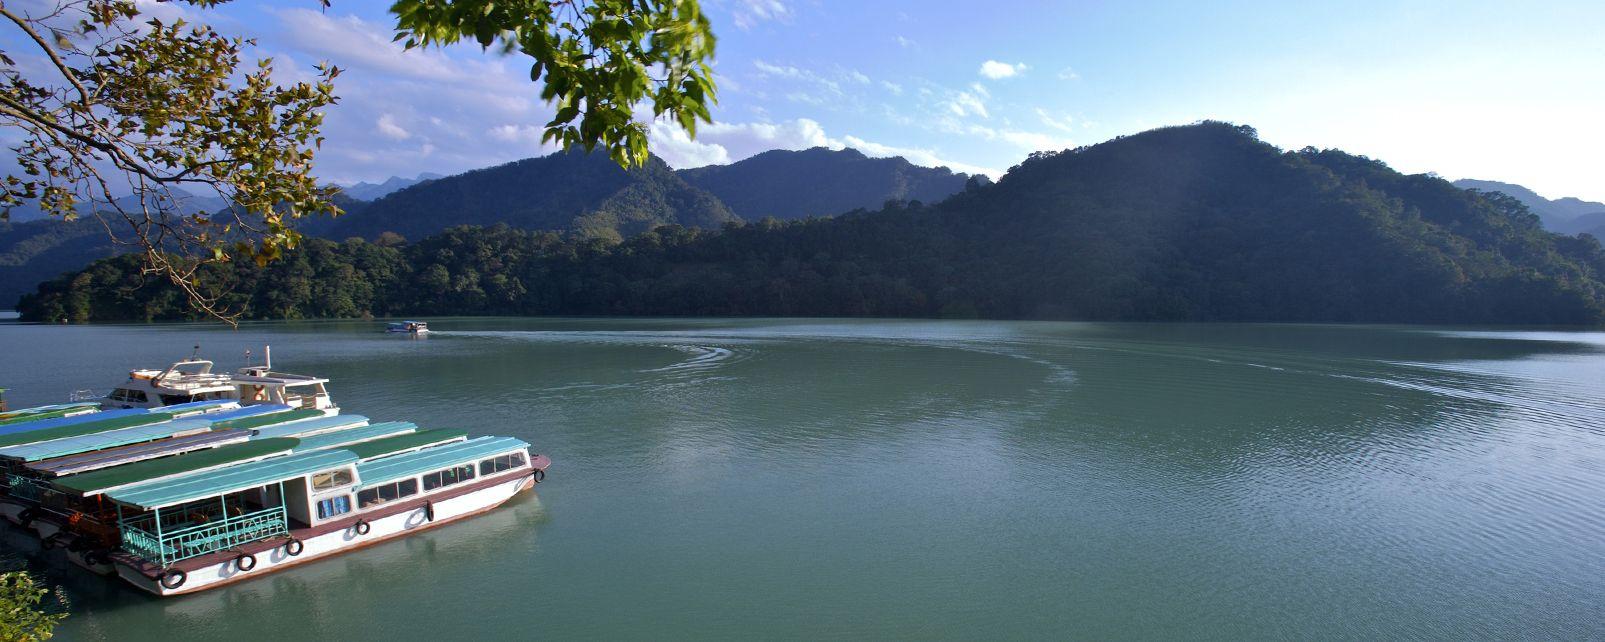 Il lago di Shihmen, Il lago Shihmen, I paesaggi, Taiwan